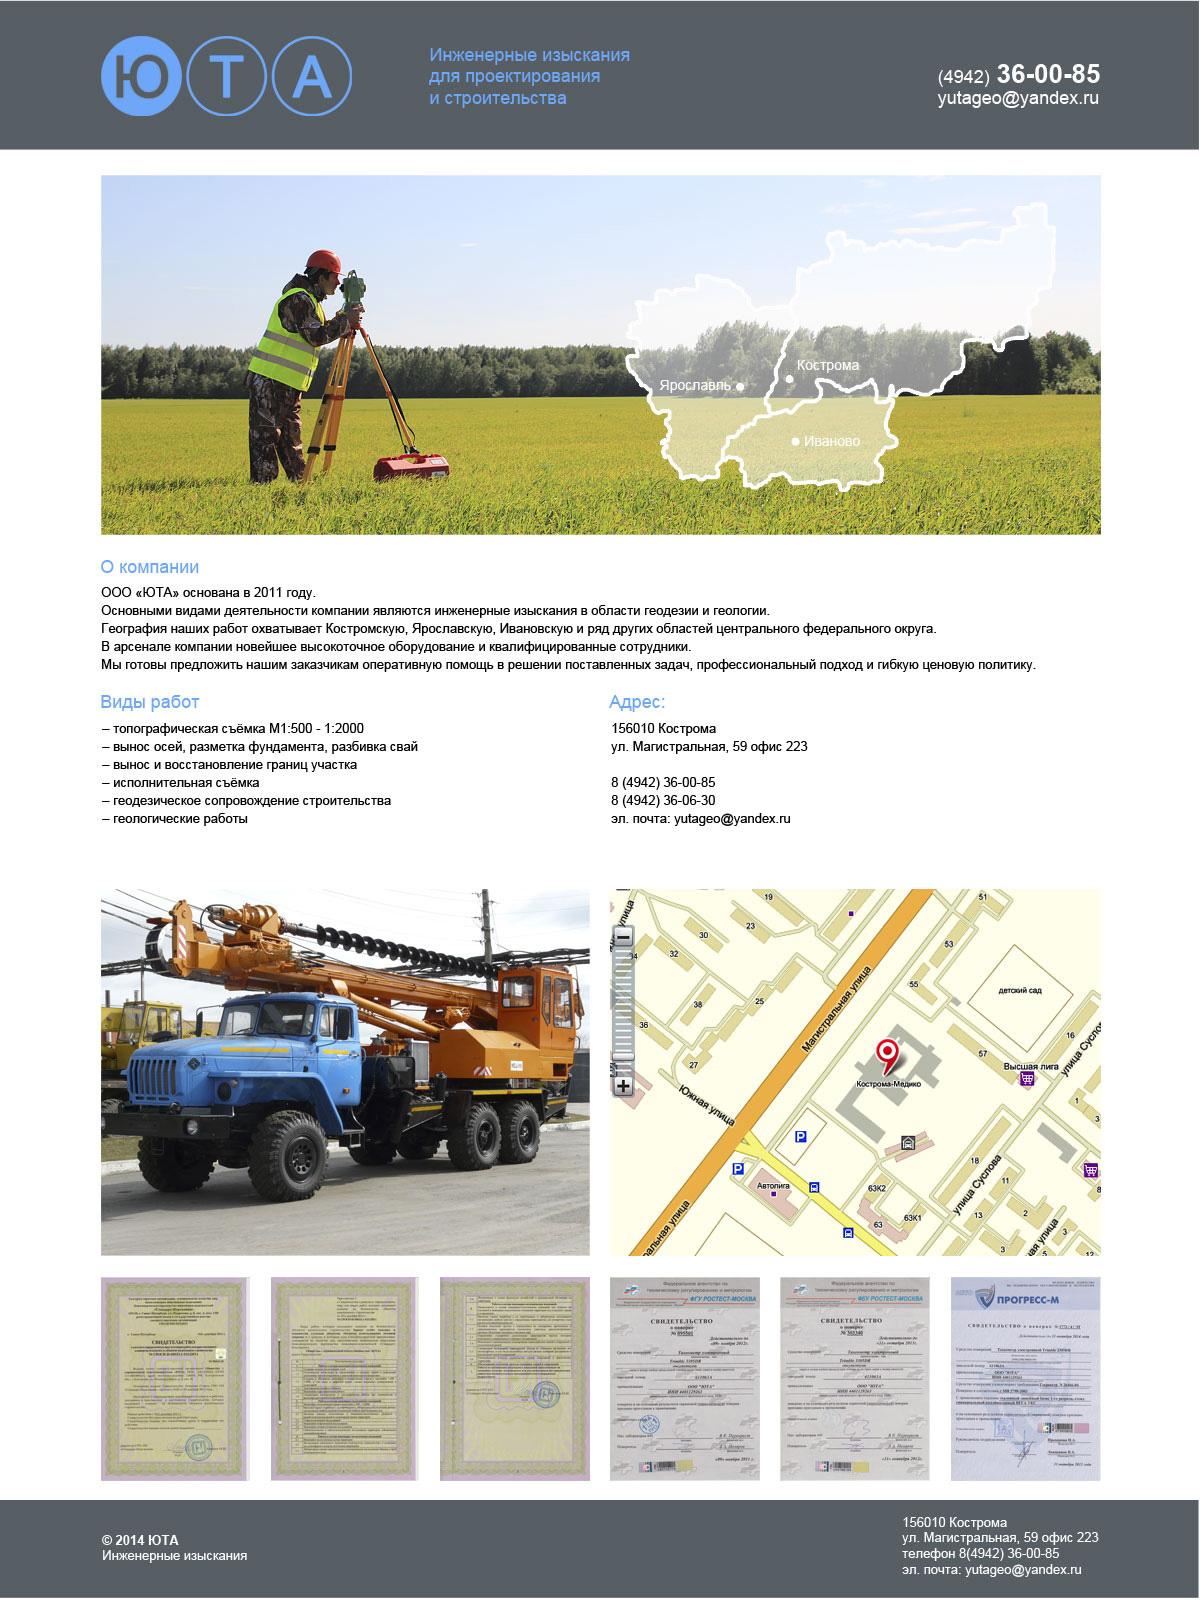 Верстка страницы инженерной компании «ЮТА»